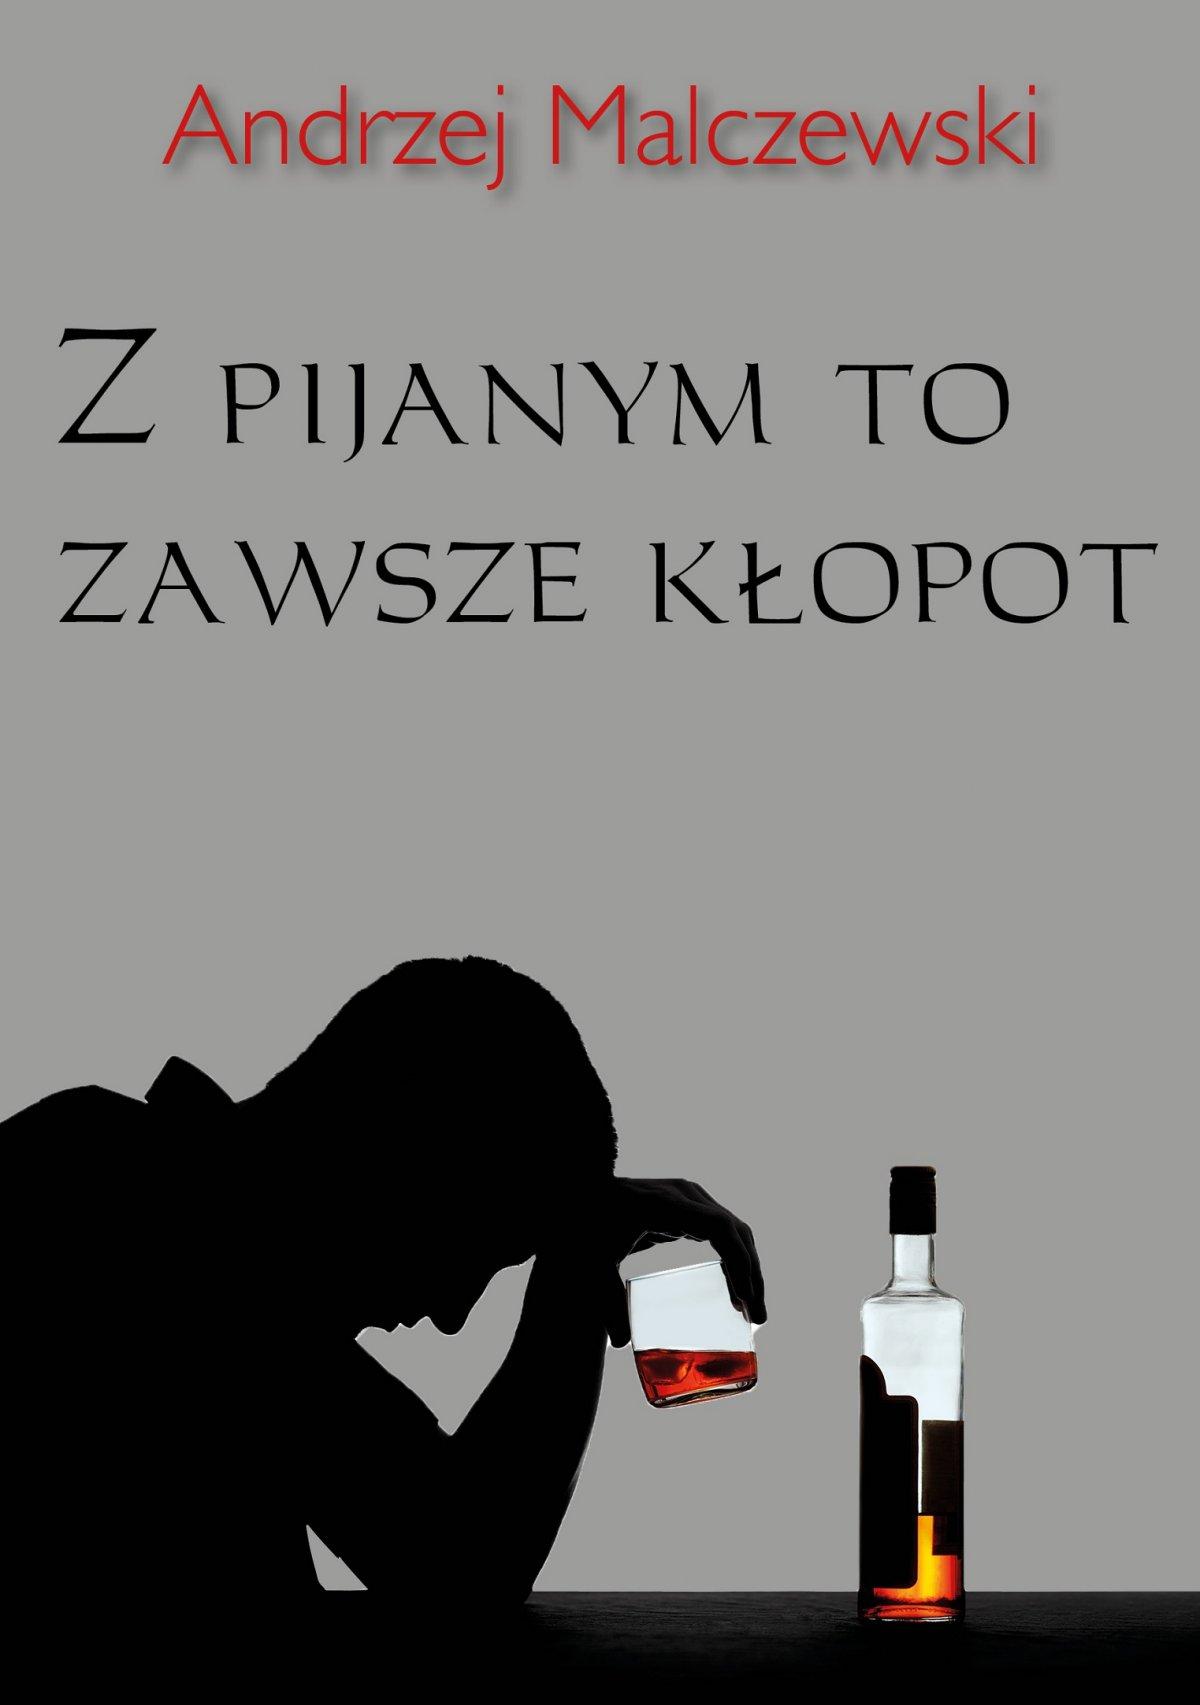 Z pijanym to zawsze kłopot - Ebook (Książka PDF) do pobrania w formacie PDF